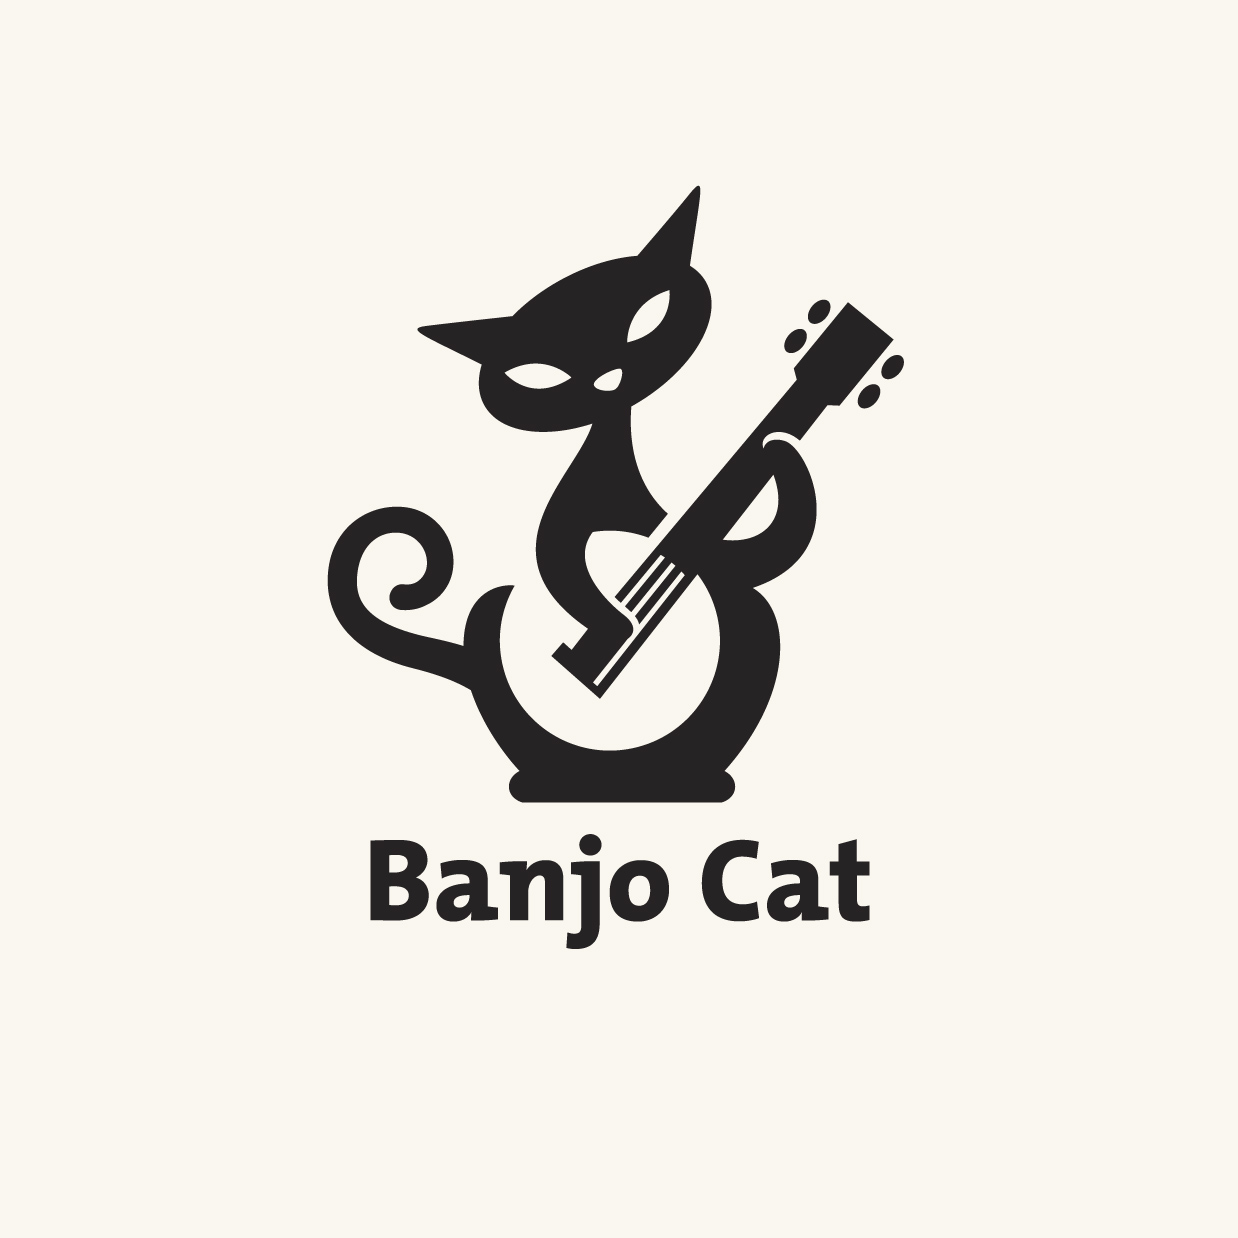 Banjo Cat